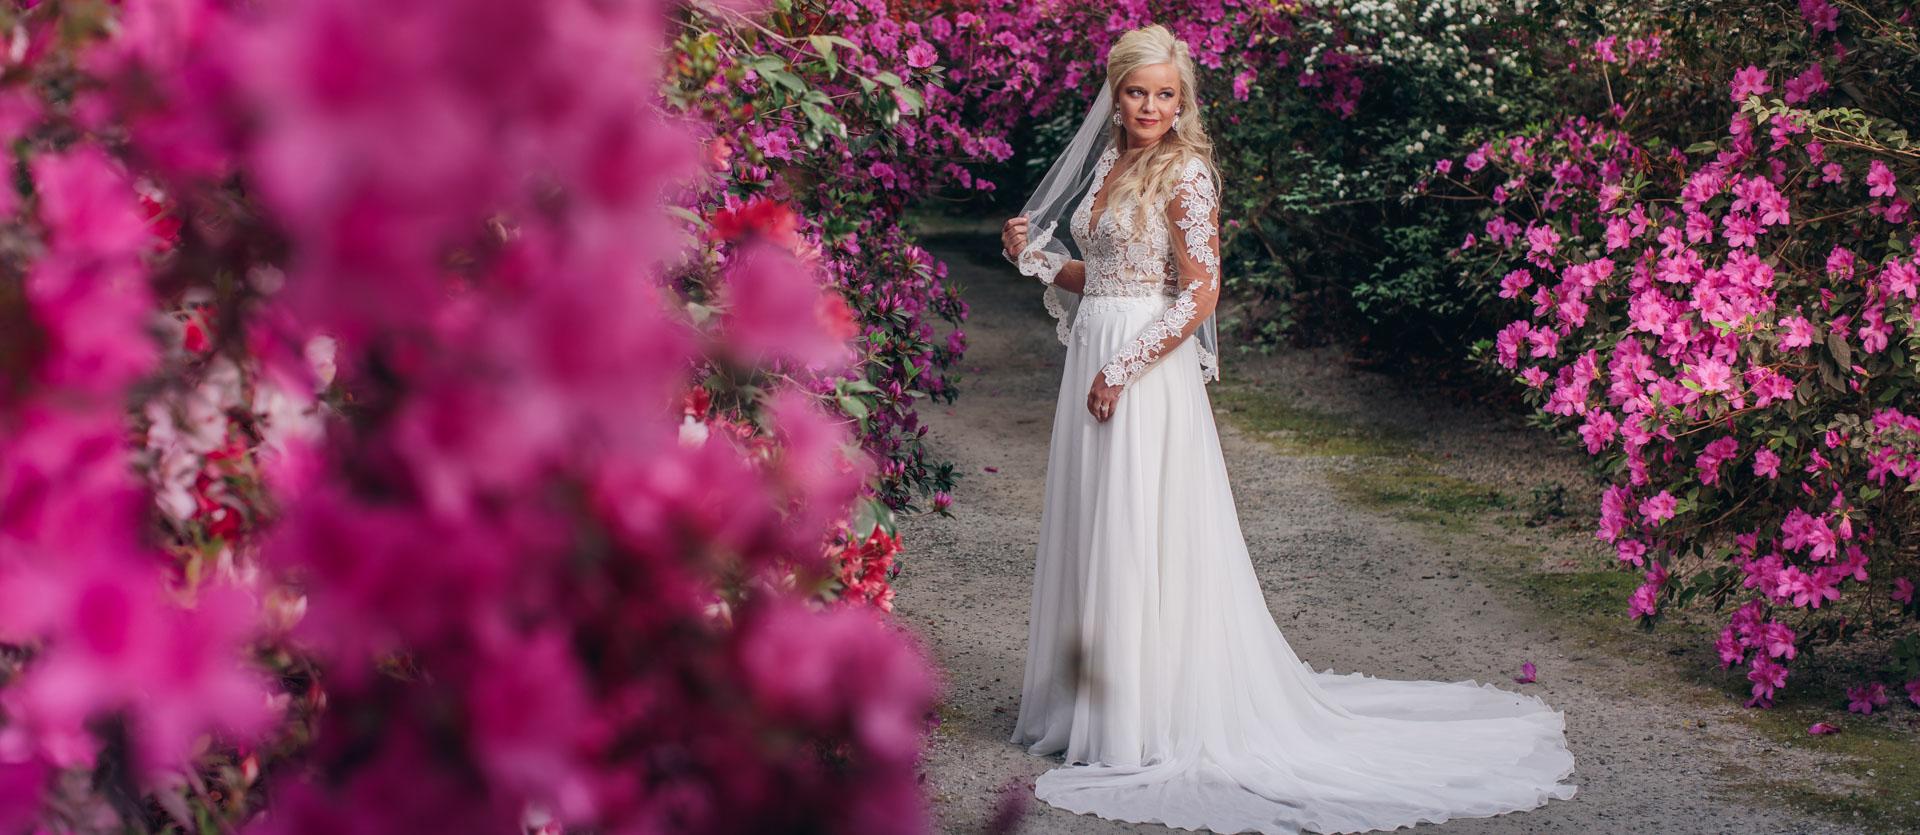 Caitlyn the Bride